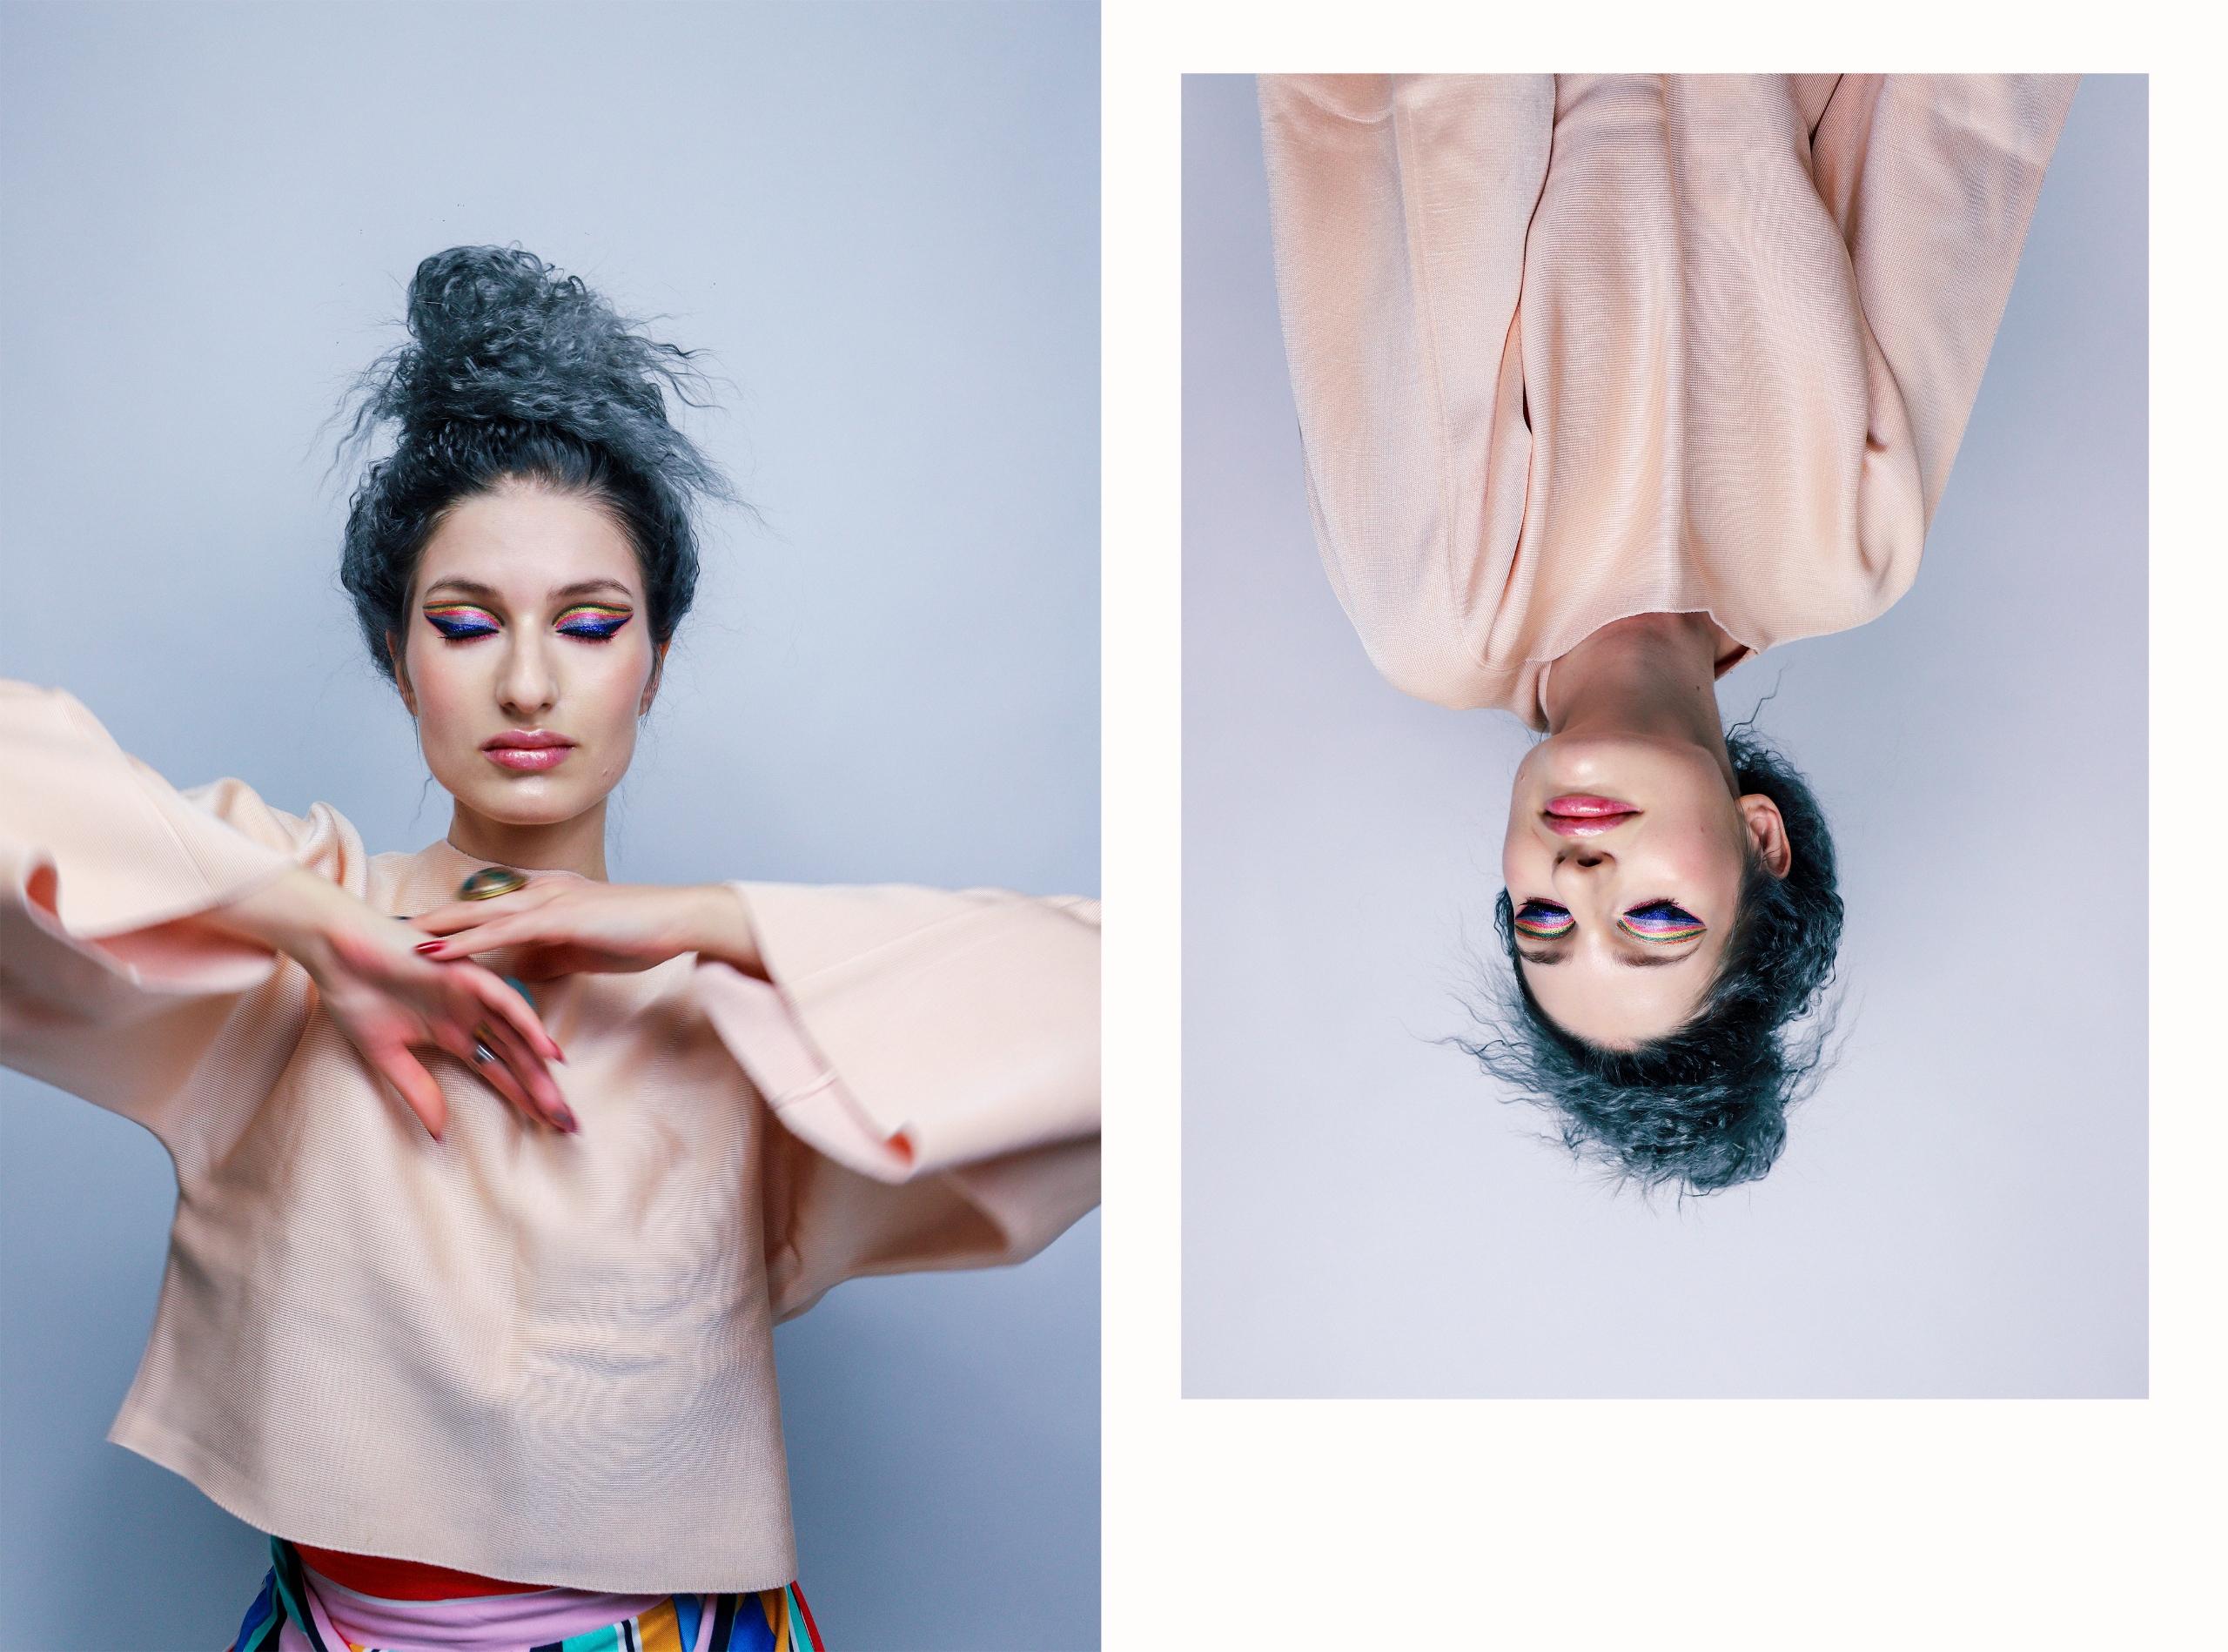 Obraz przedstawia dwa zdjęcia kobiety w różowej bluzce na szarym tle. Zdjęcie z prawej strony obrócone jest do góry nogami.